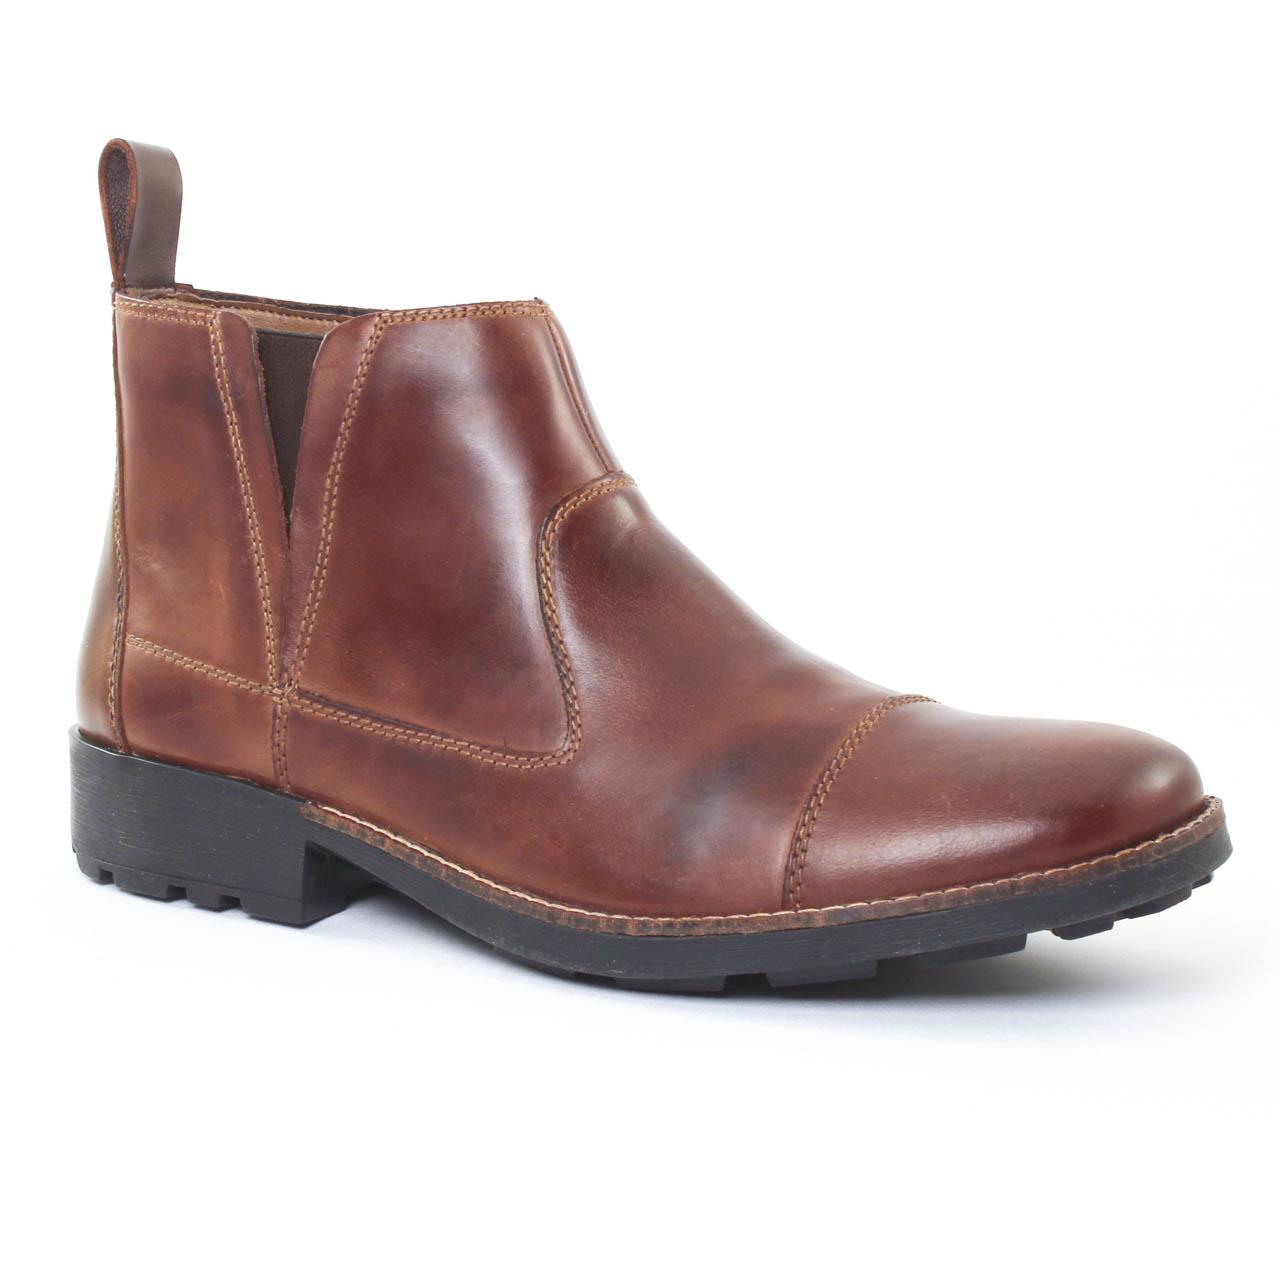 rieker 3605 marron boots marron automne hiver chez trois par 3. Black Bedroom Furniture Sets. Home Design Ideas